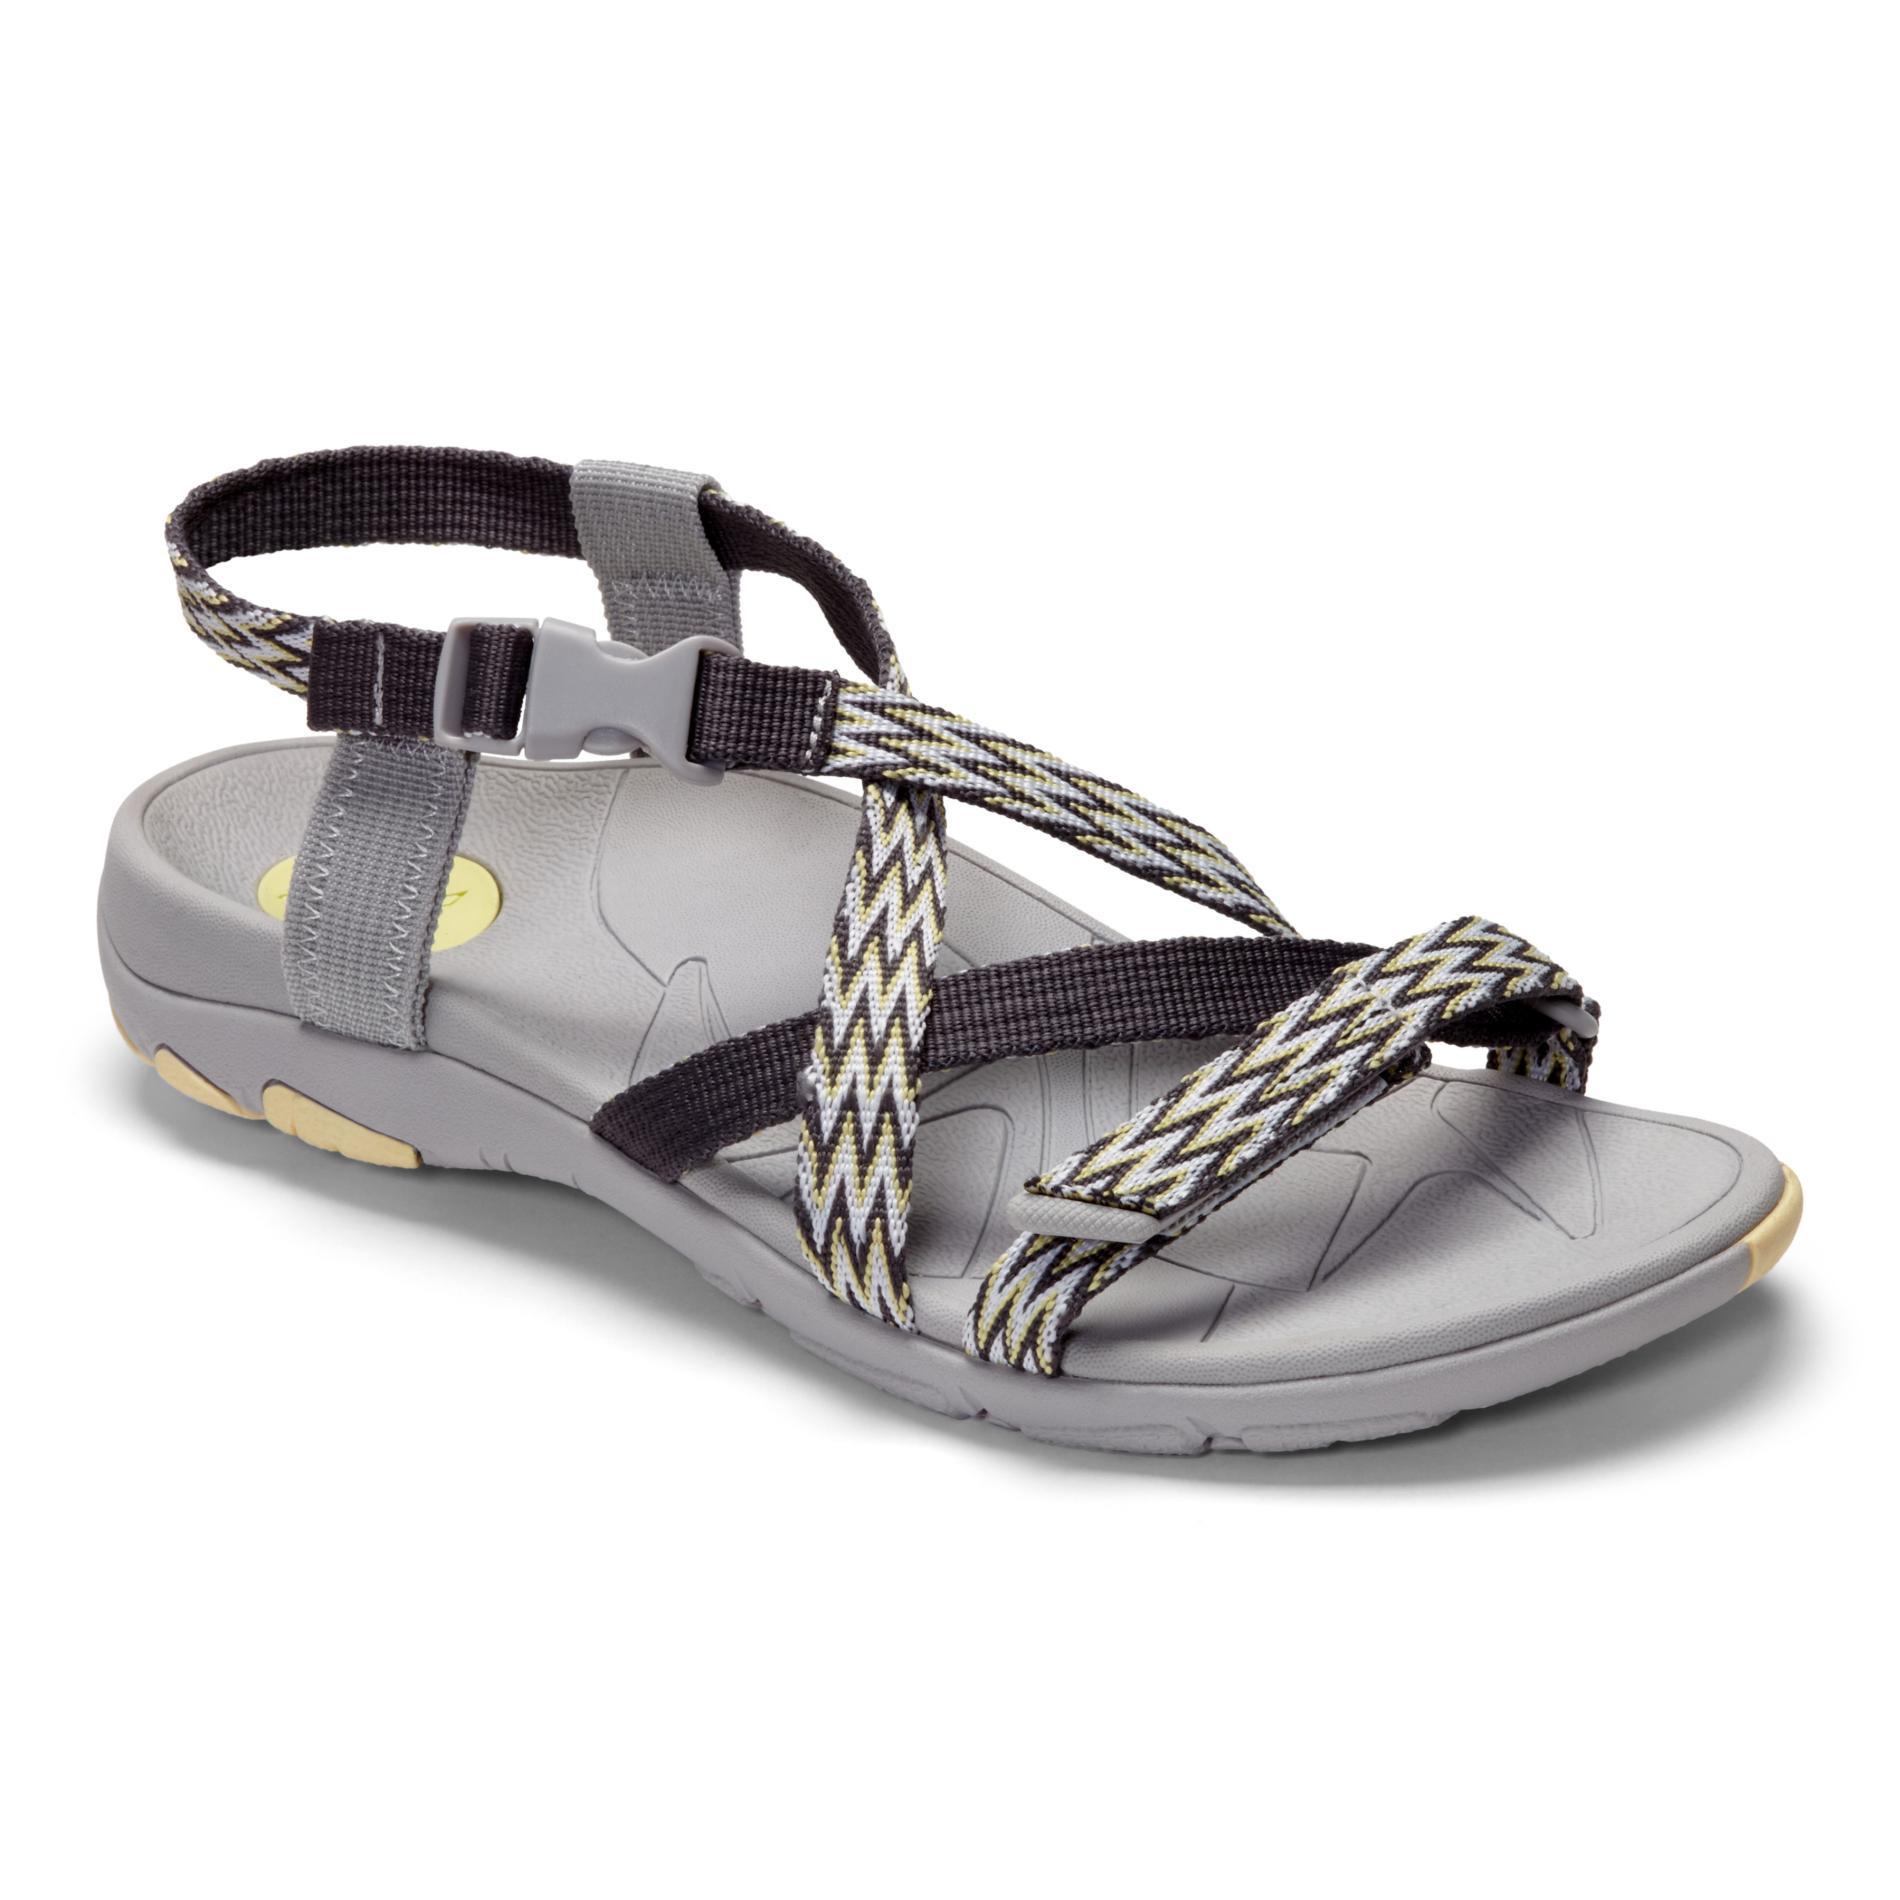 womens sandals womenu0027s sport sandals at sears.com edwymgg